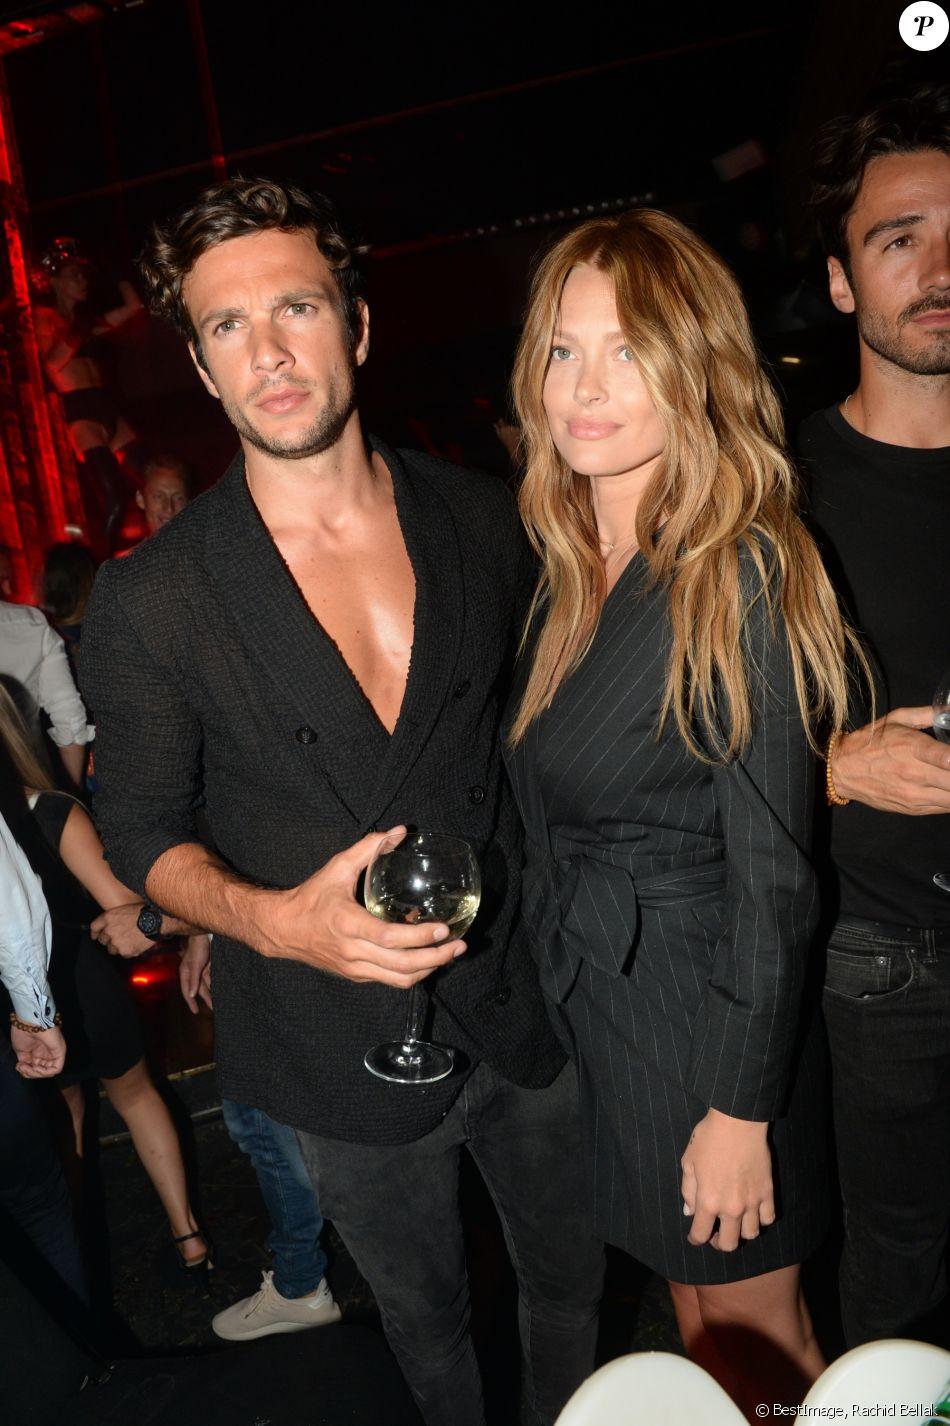 Exclusif - Caroline Receveur et son fiancé Hugo Philip au VIP Room à Saint-Tropez. Le 10 août 2018 © Rachid Bellak / Bestimage